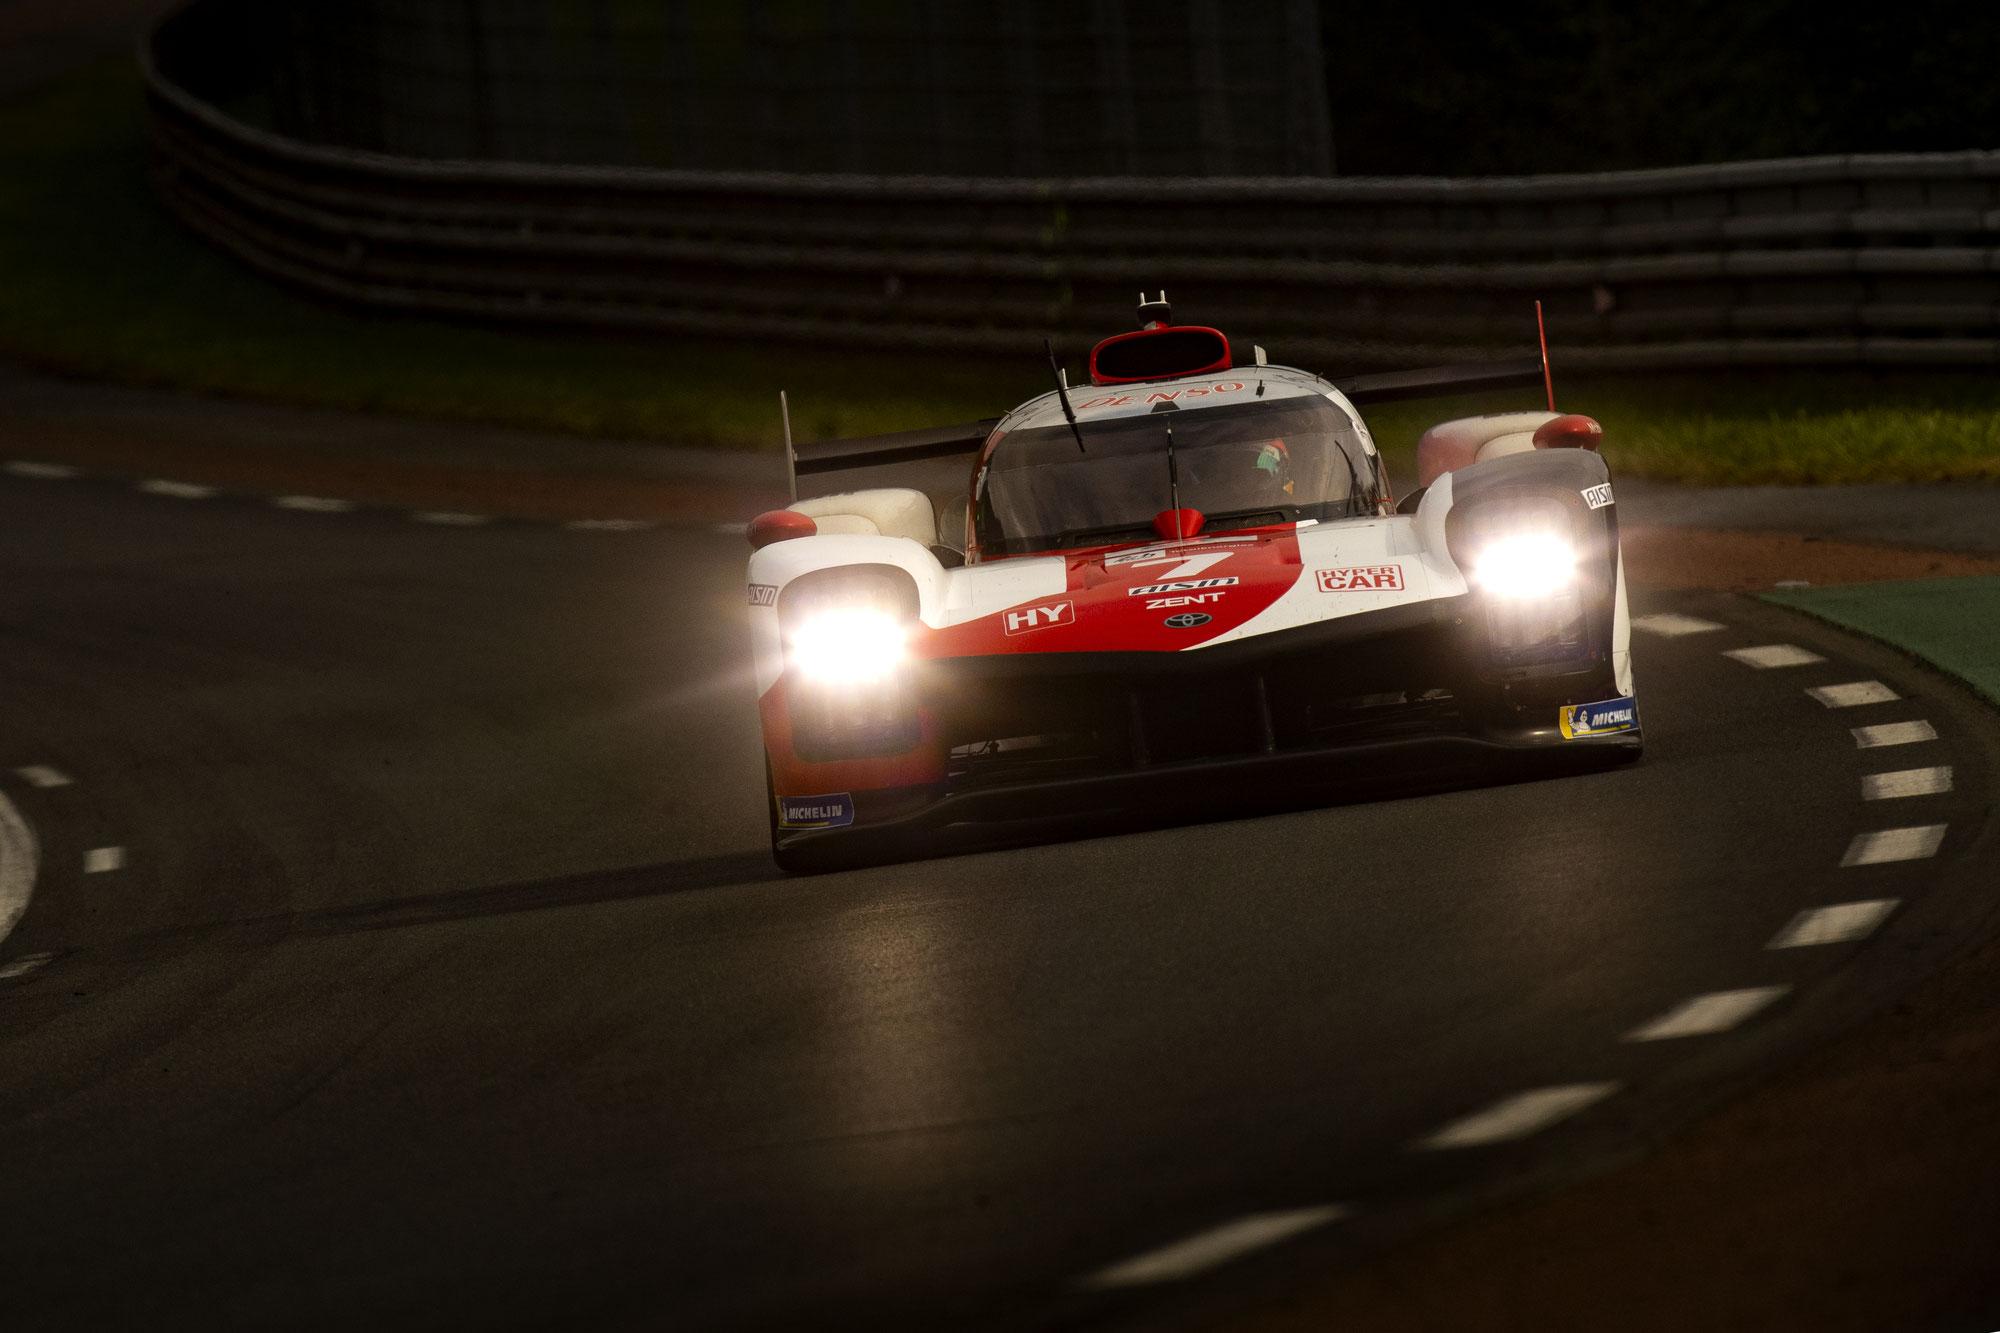 LM24 12-Stunden-Bericht: Toyota 1:2, Alpine kämpft sich auf Platz drei zurück; Ferrari an der Spitze der LMGTE Pro